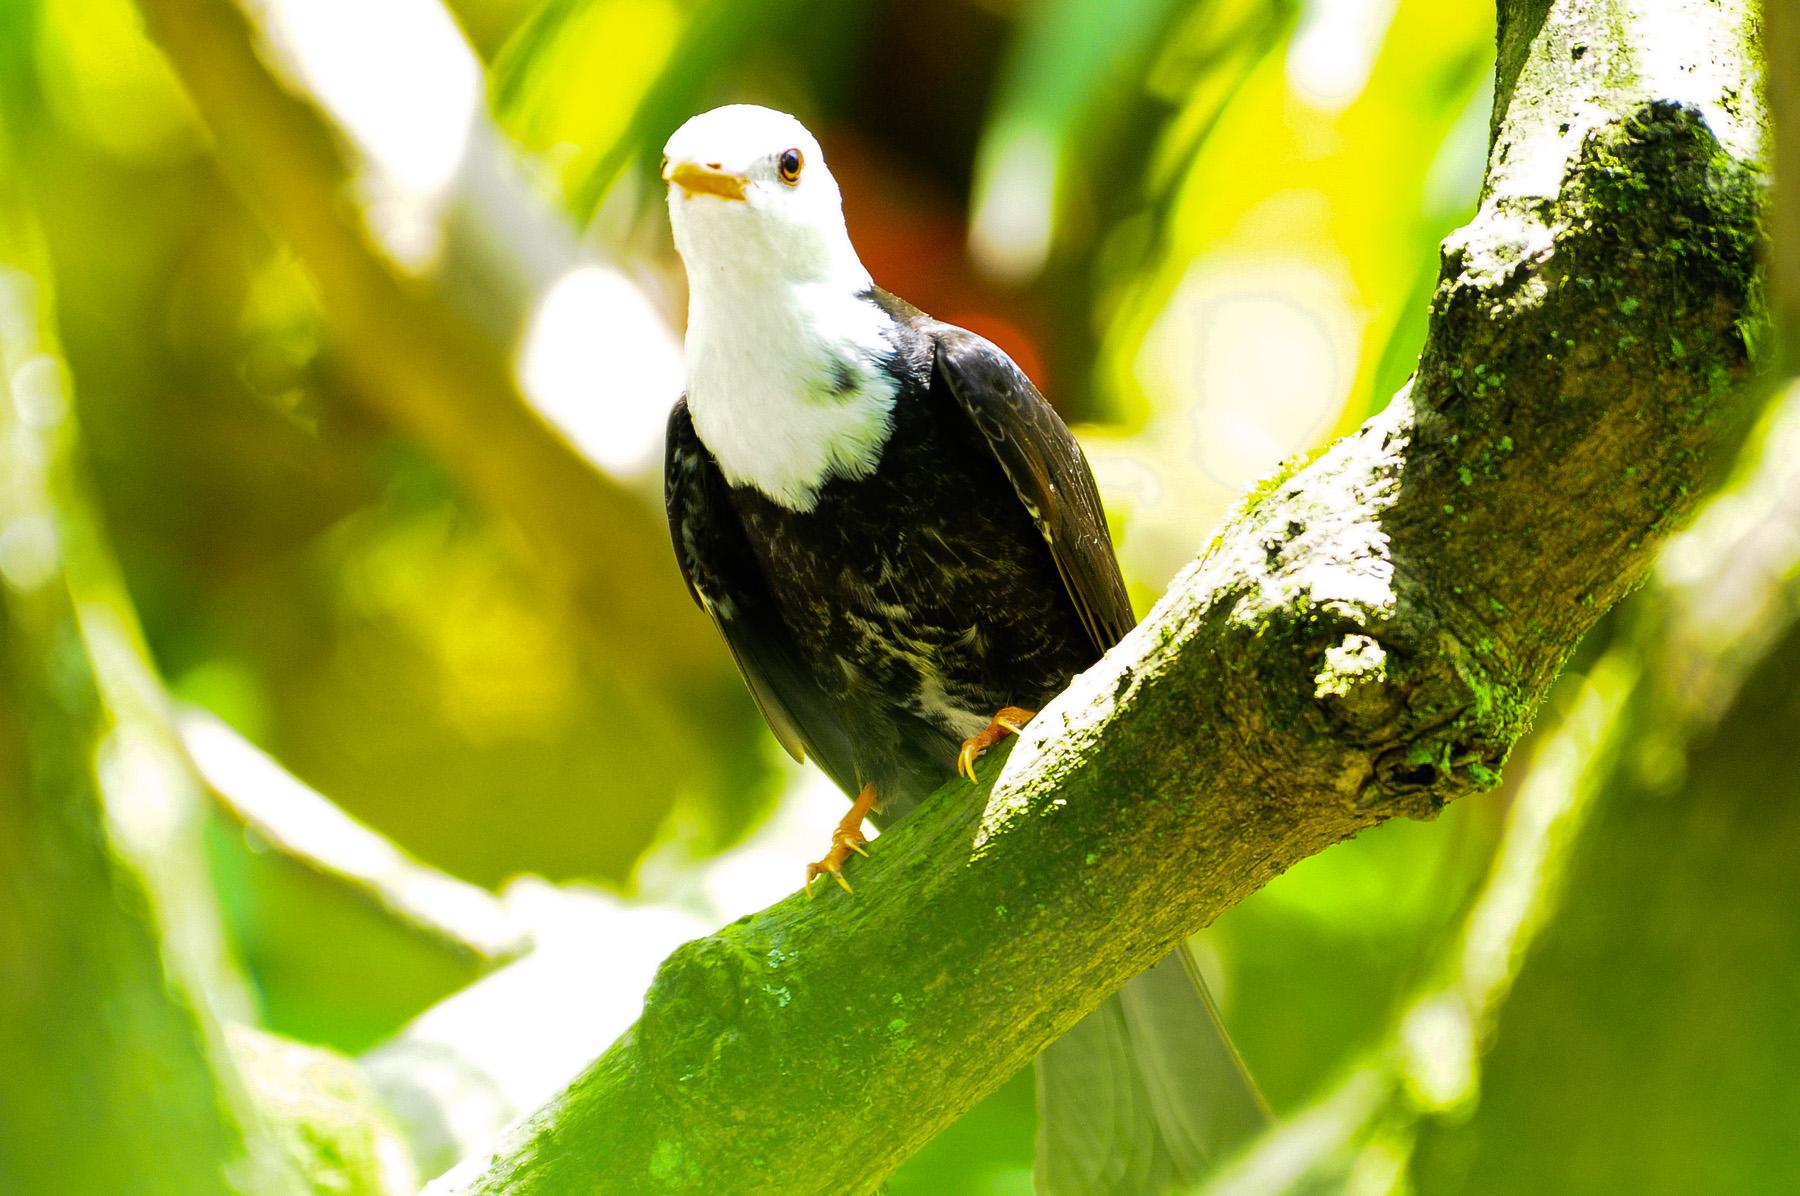 【鸟趣】乖巧的黑短脚鹎